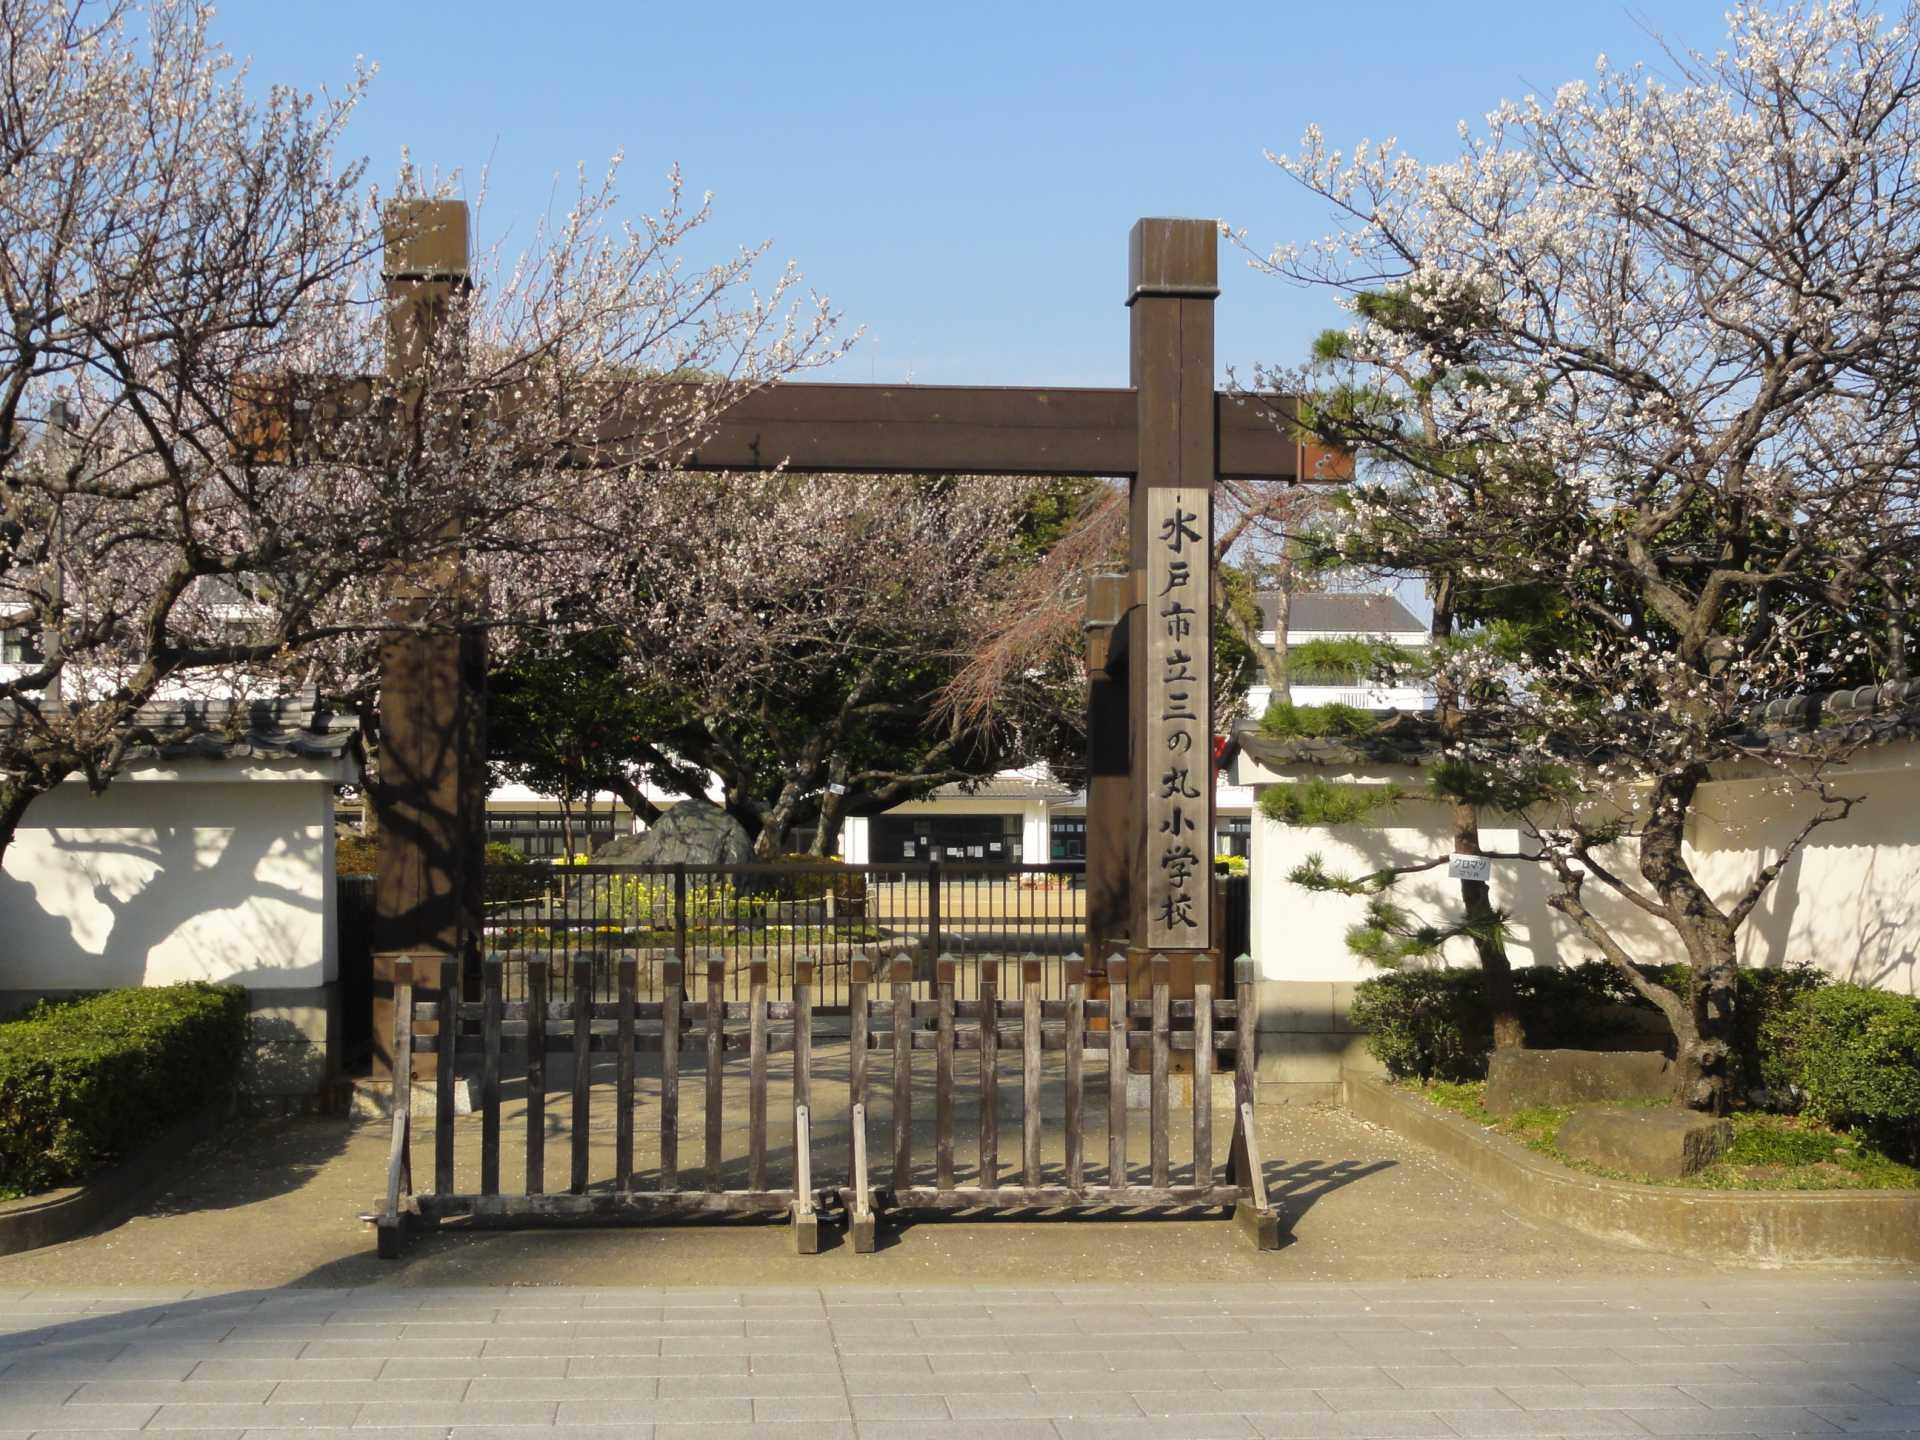 水戶市立小學校